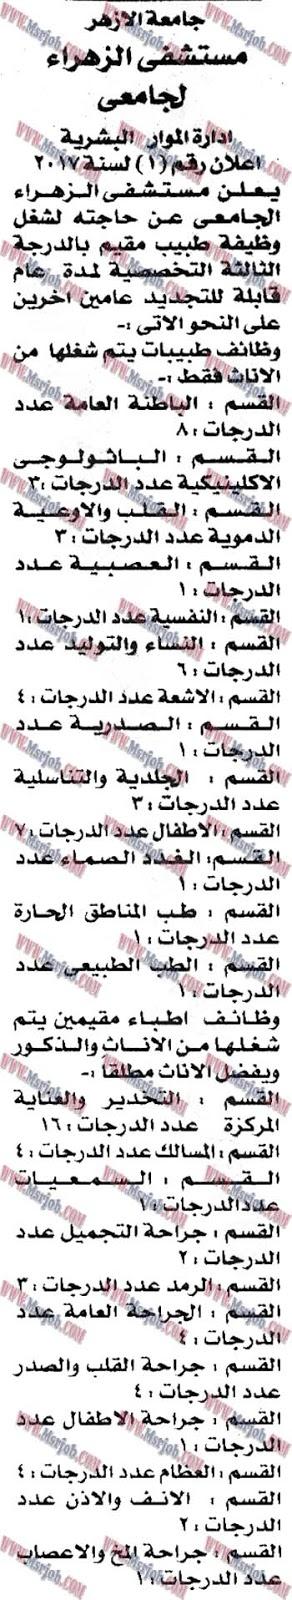 وظائف جامعة الازهر لخريجي الجامعات منشور بالاخبار 21 / 3 / 2017